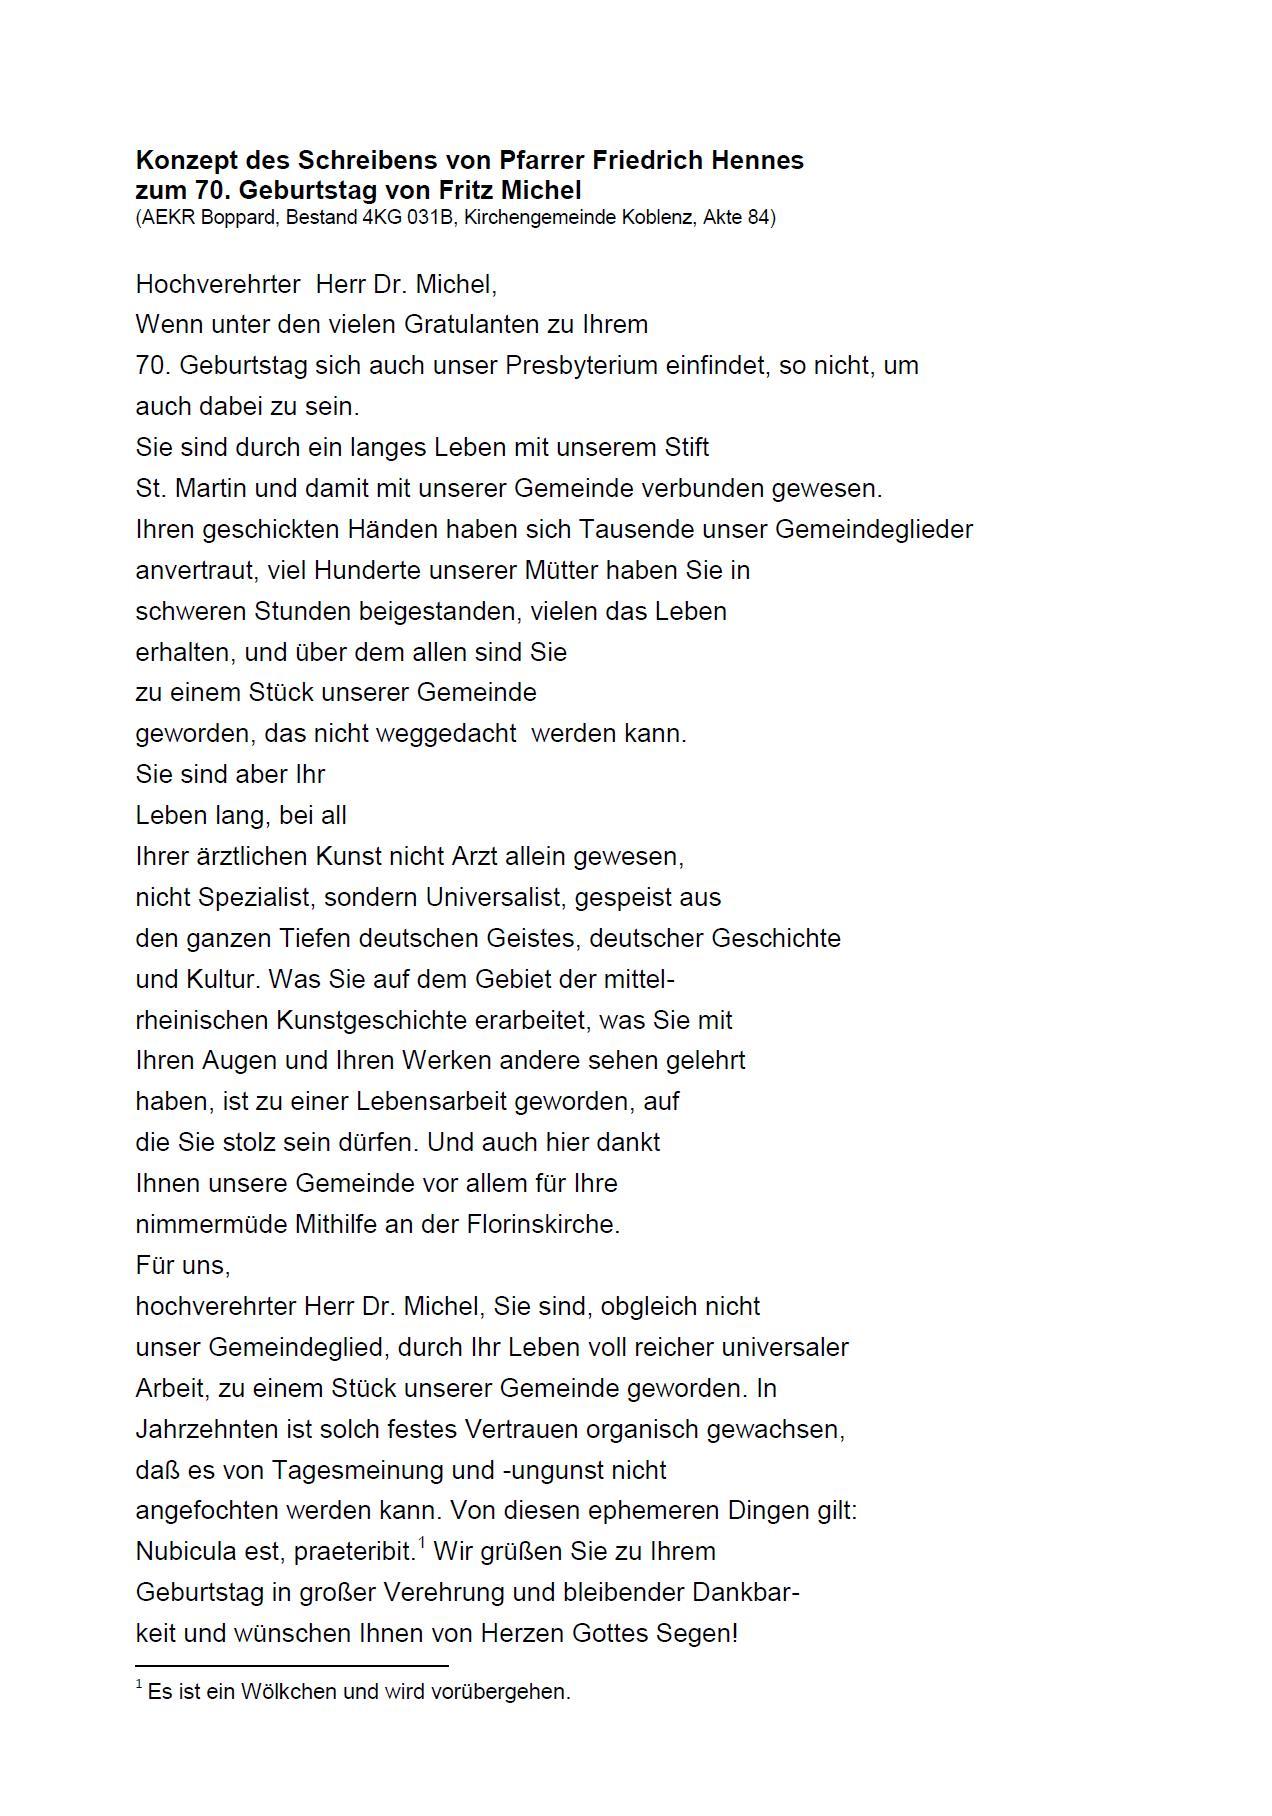 Transkription Brief Hennes-Michel